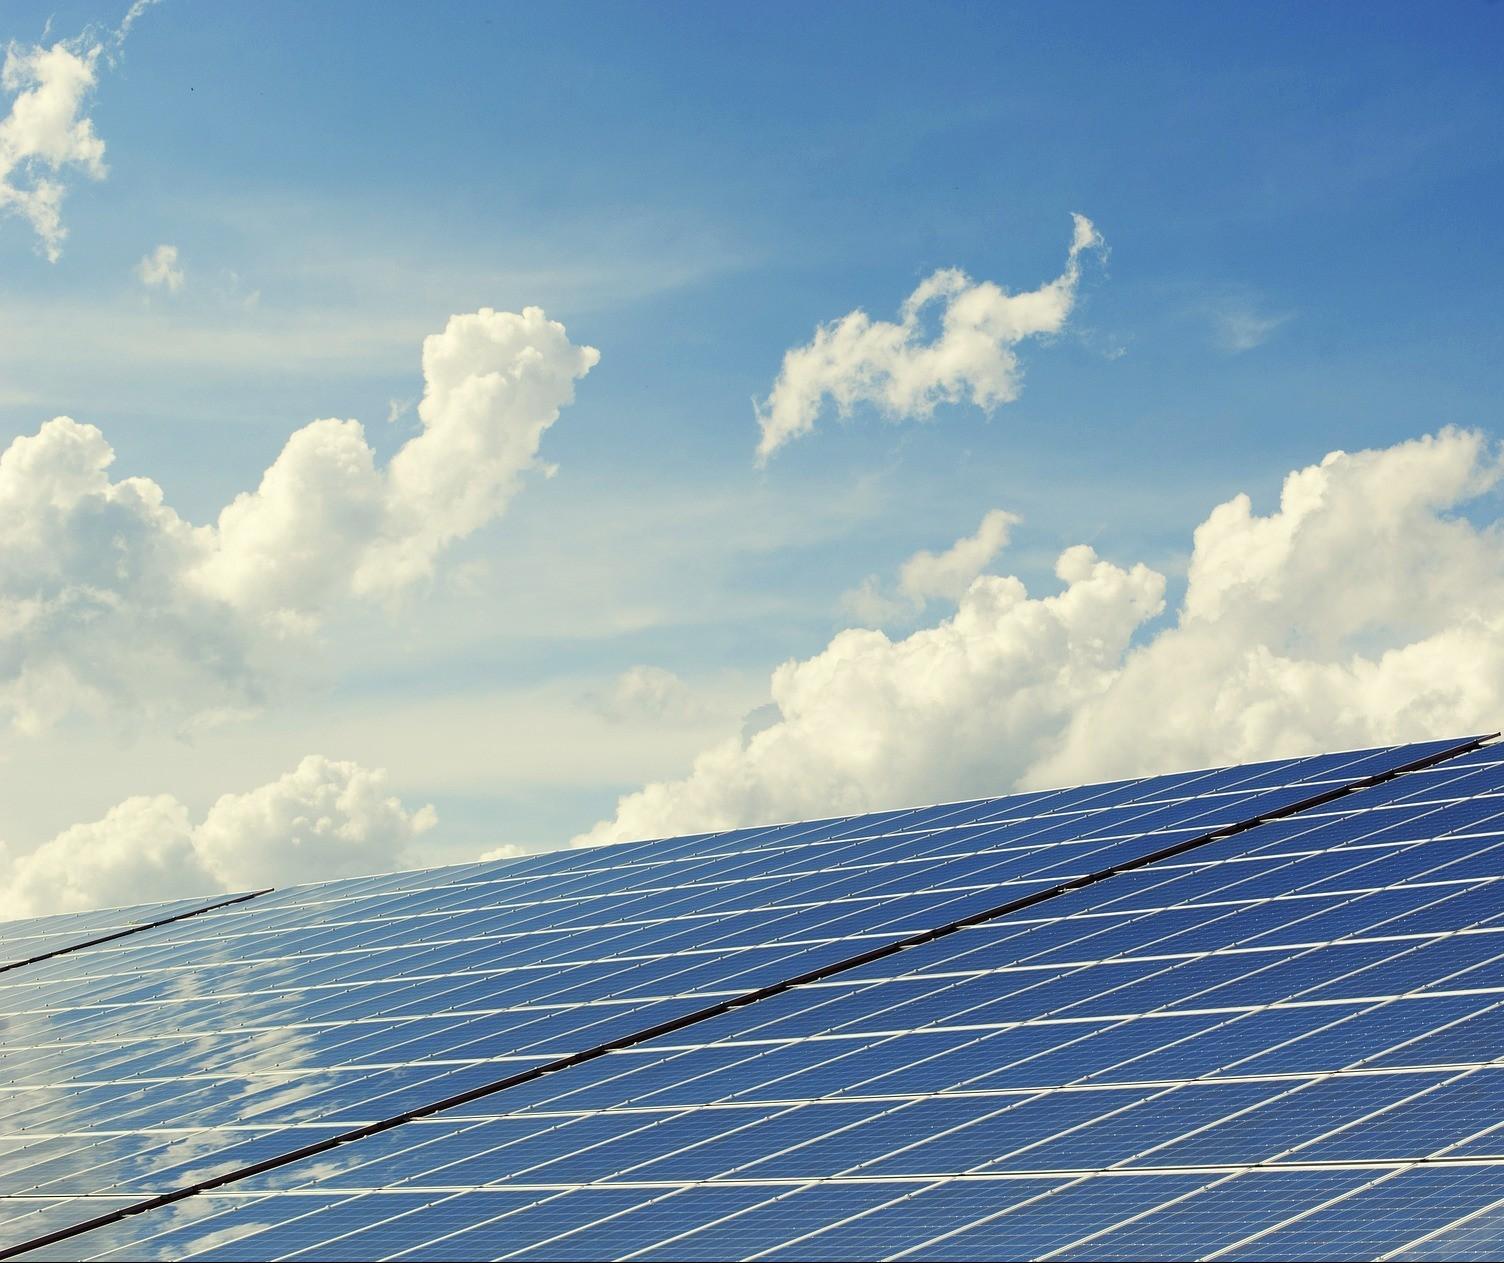 Obras com placas fotovoltaicas são cada vez mais comuns